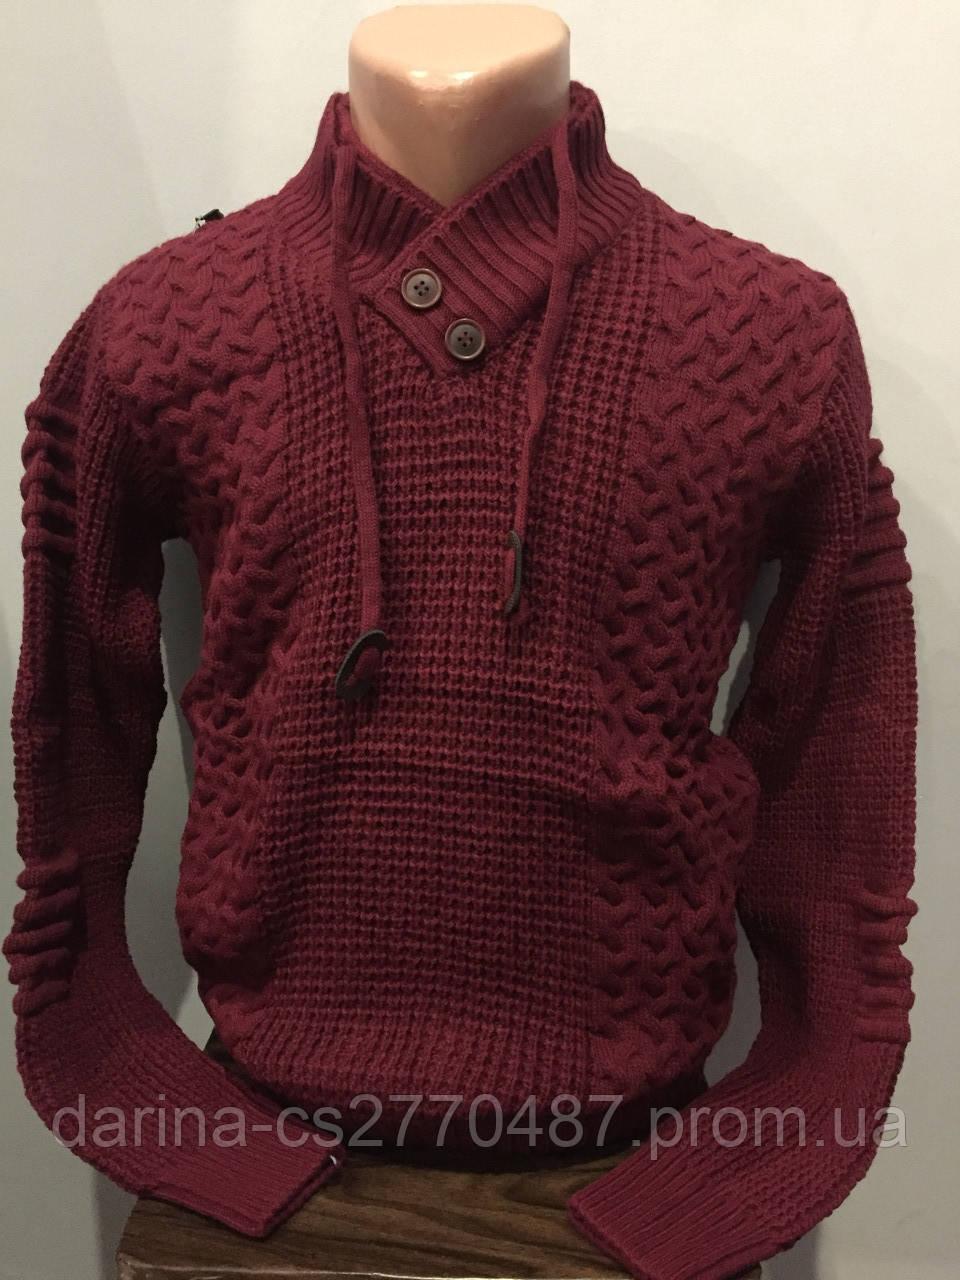 Зимний мужской свитер L,XL